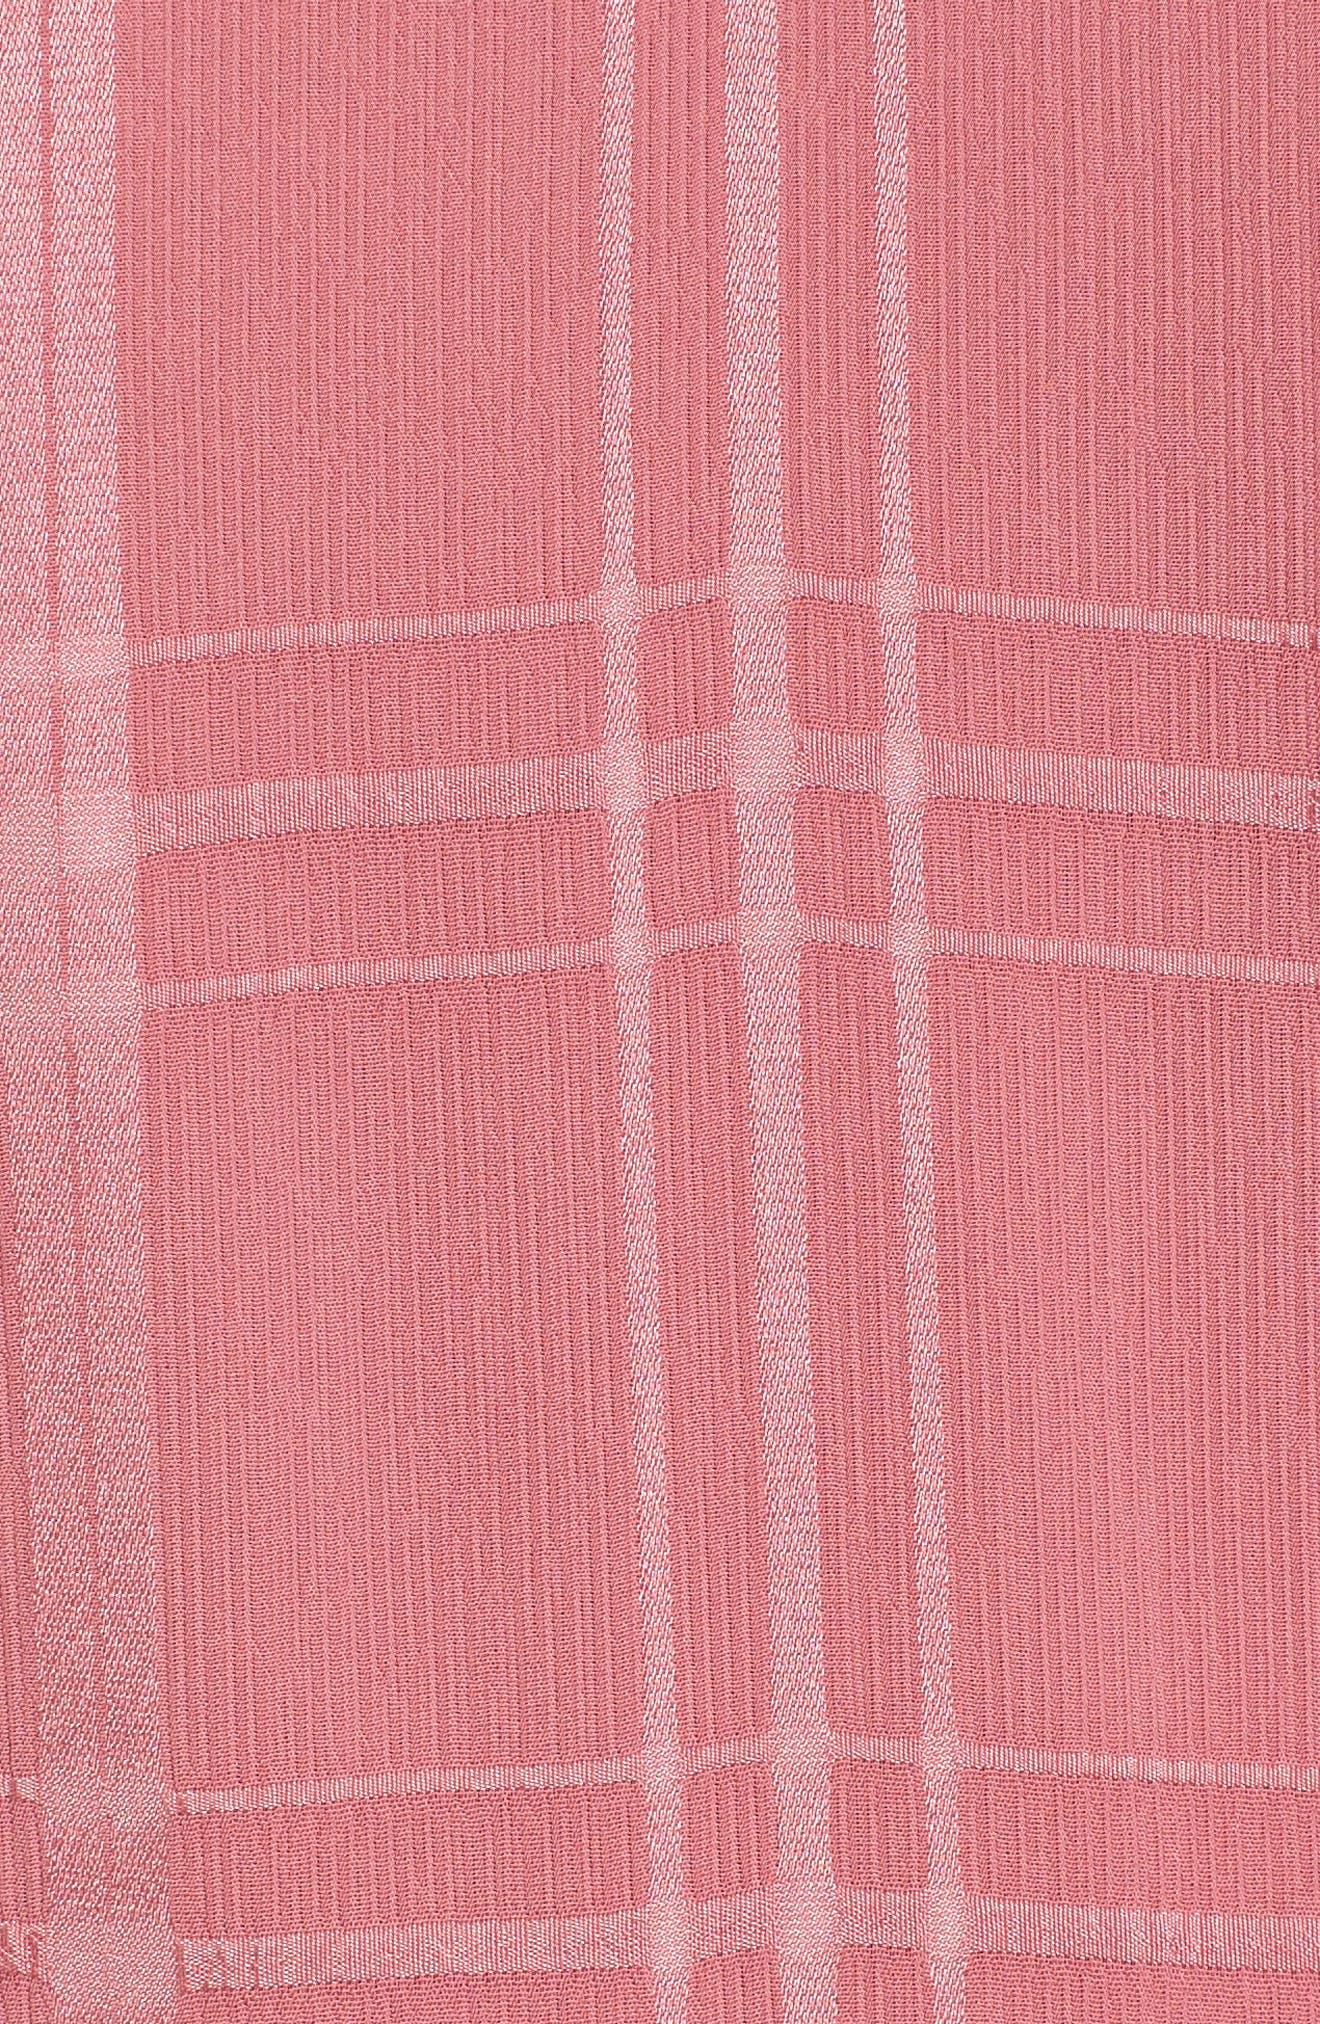 Hudson Ruffle Minidress,                             Alternate thumbnail 5, color,                             683